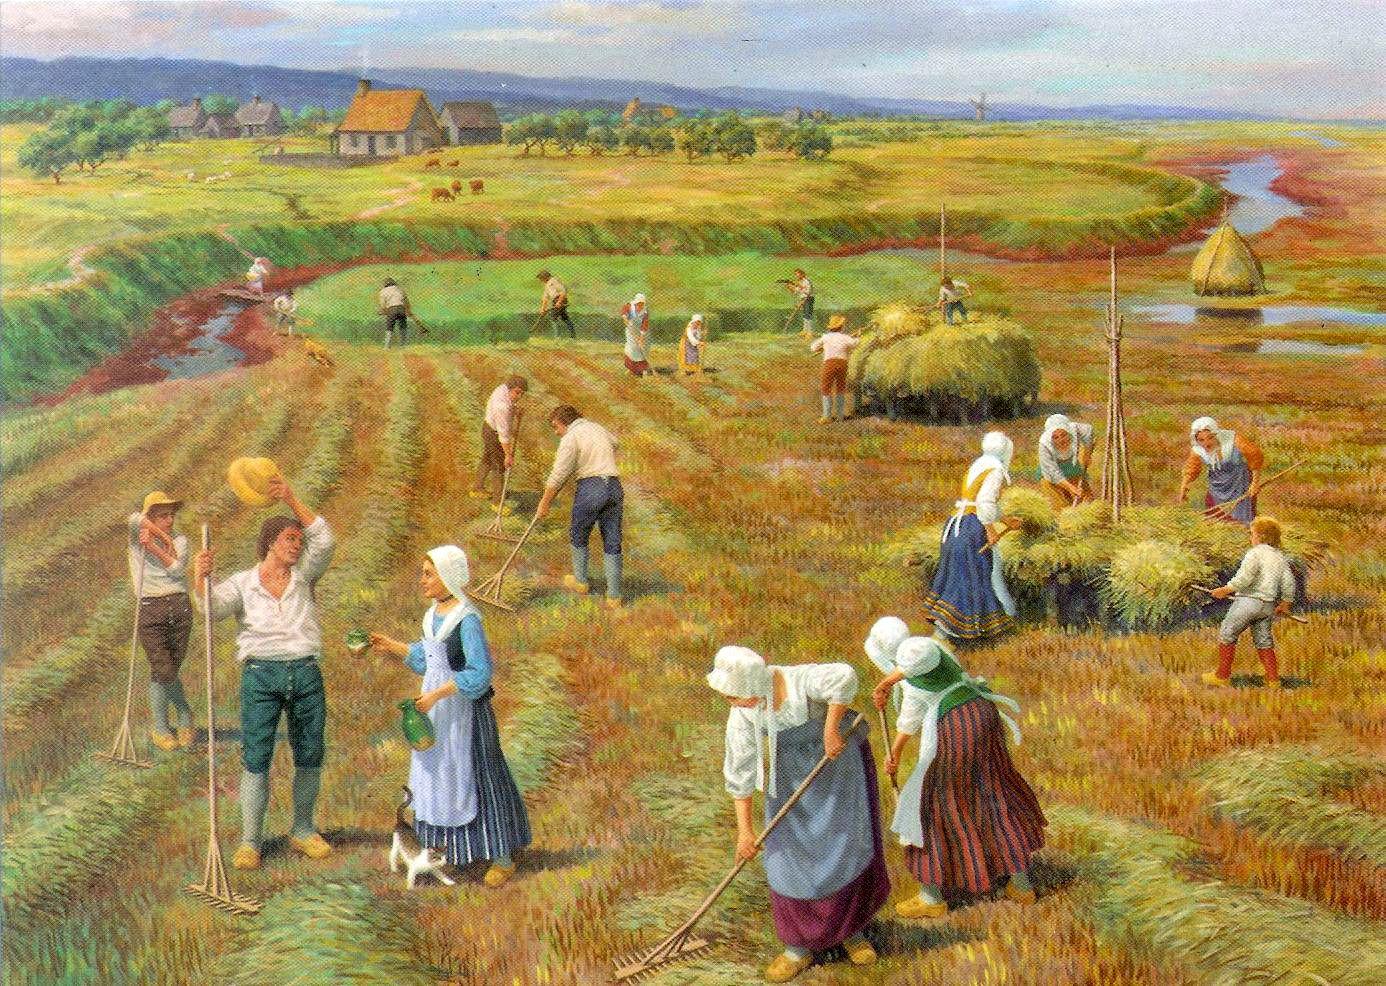 Acadian Farm in Nova Scotia by Claude Picard